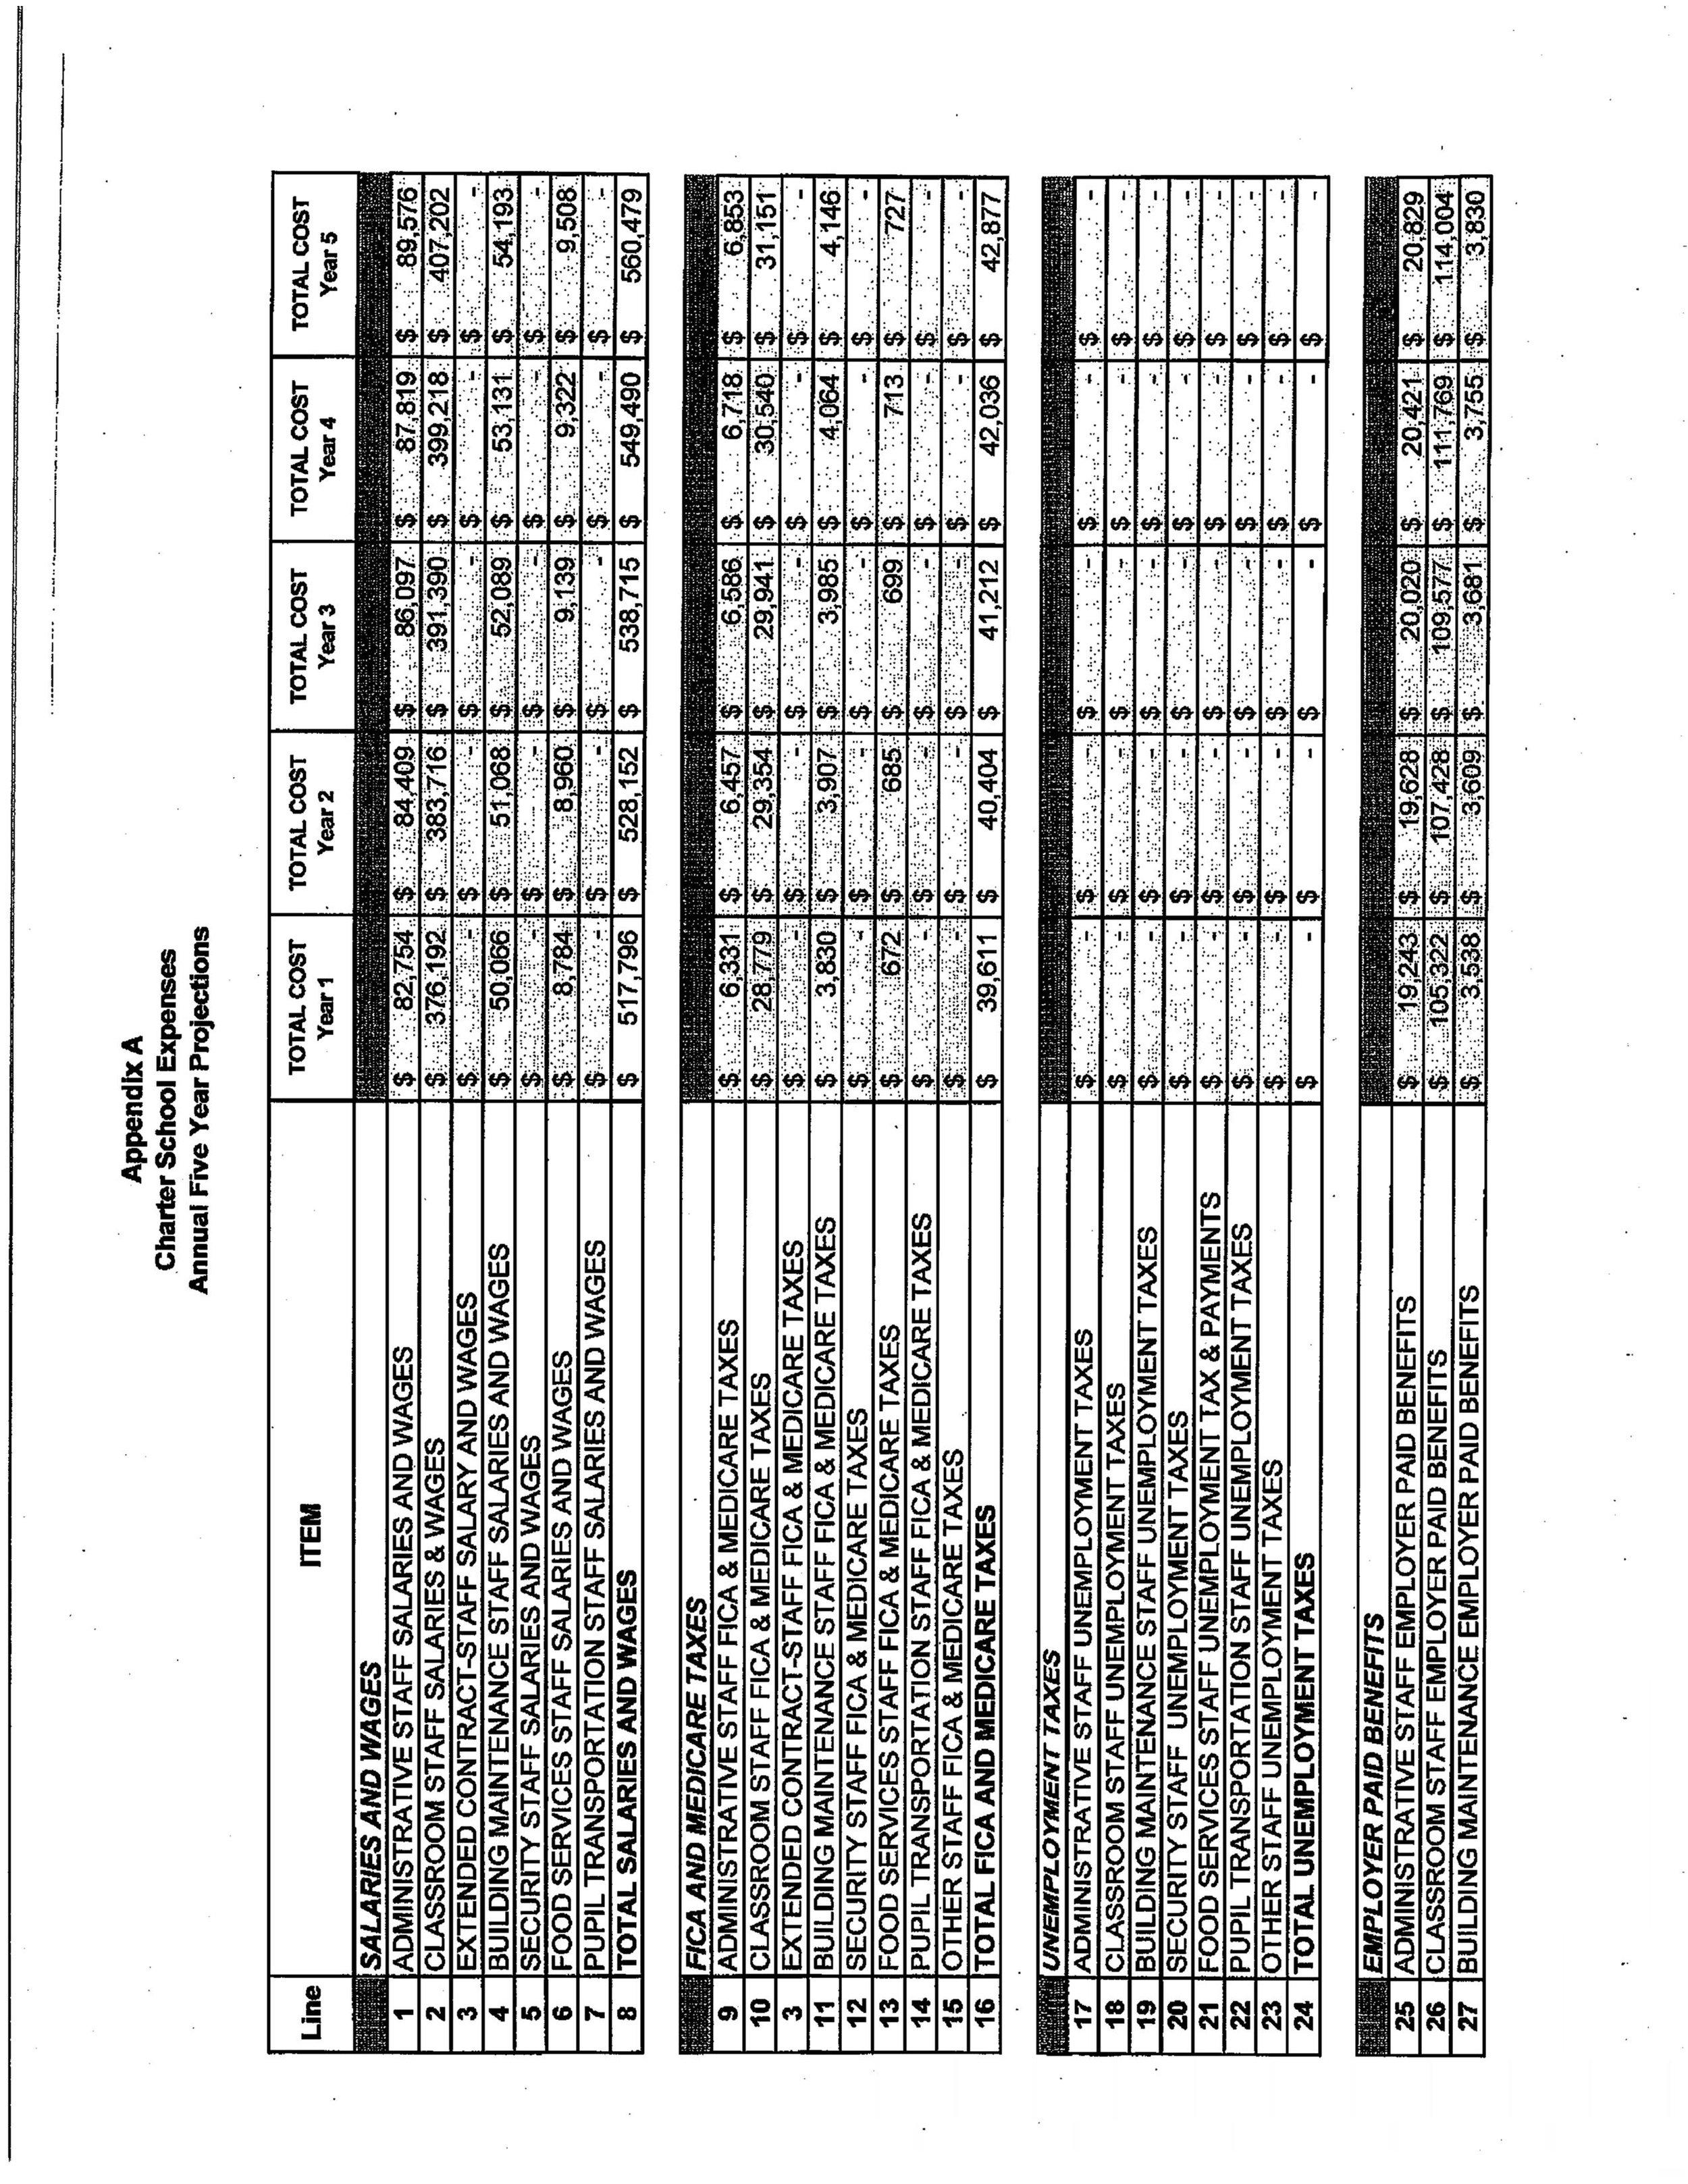 Planning Grant pg 31.jpg